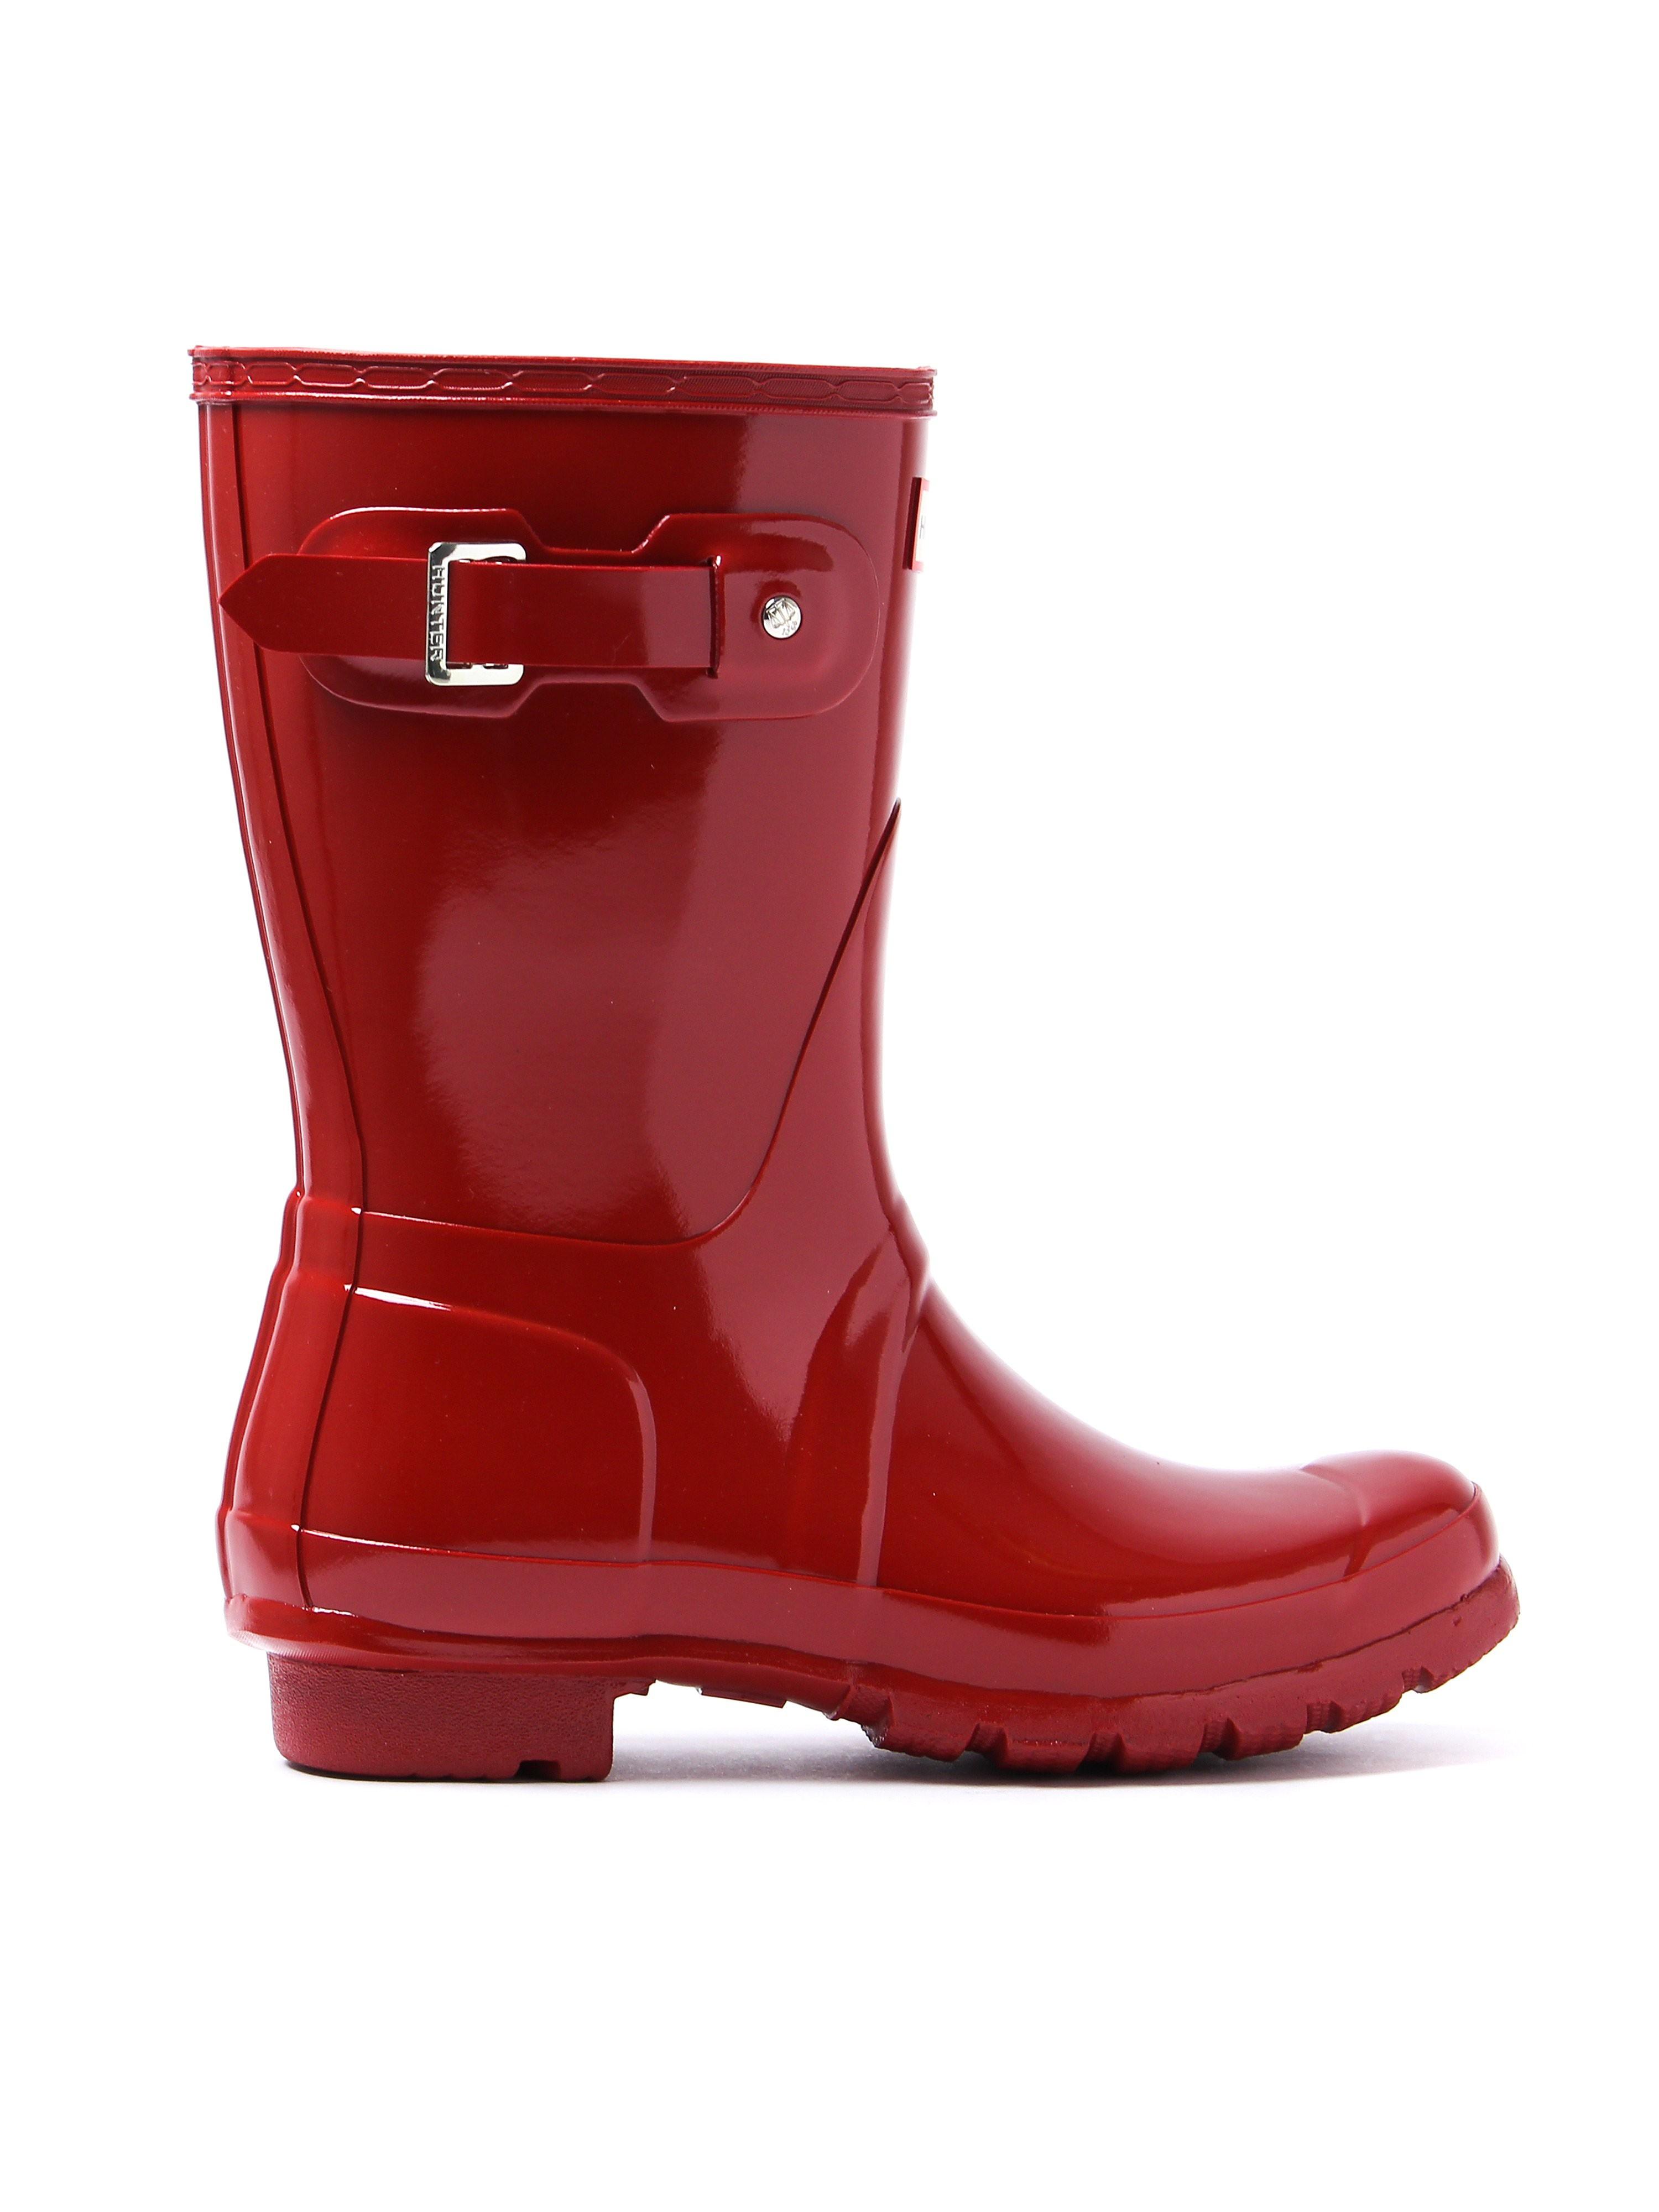 Hunter Wellies Women's Original Short Wellington Boots - Red Gloss